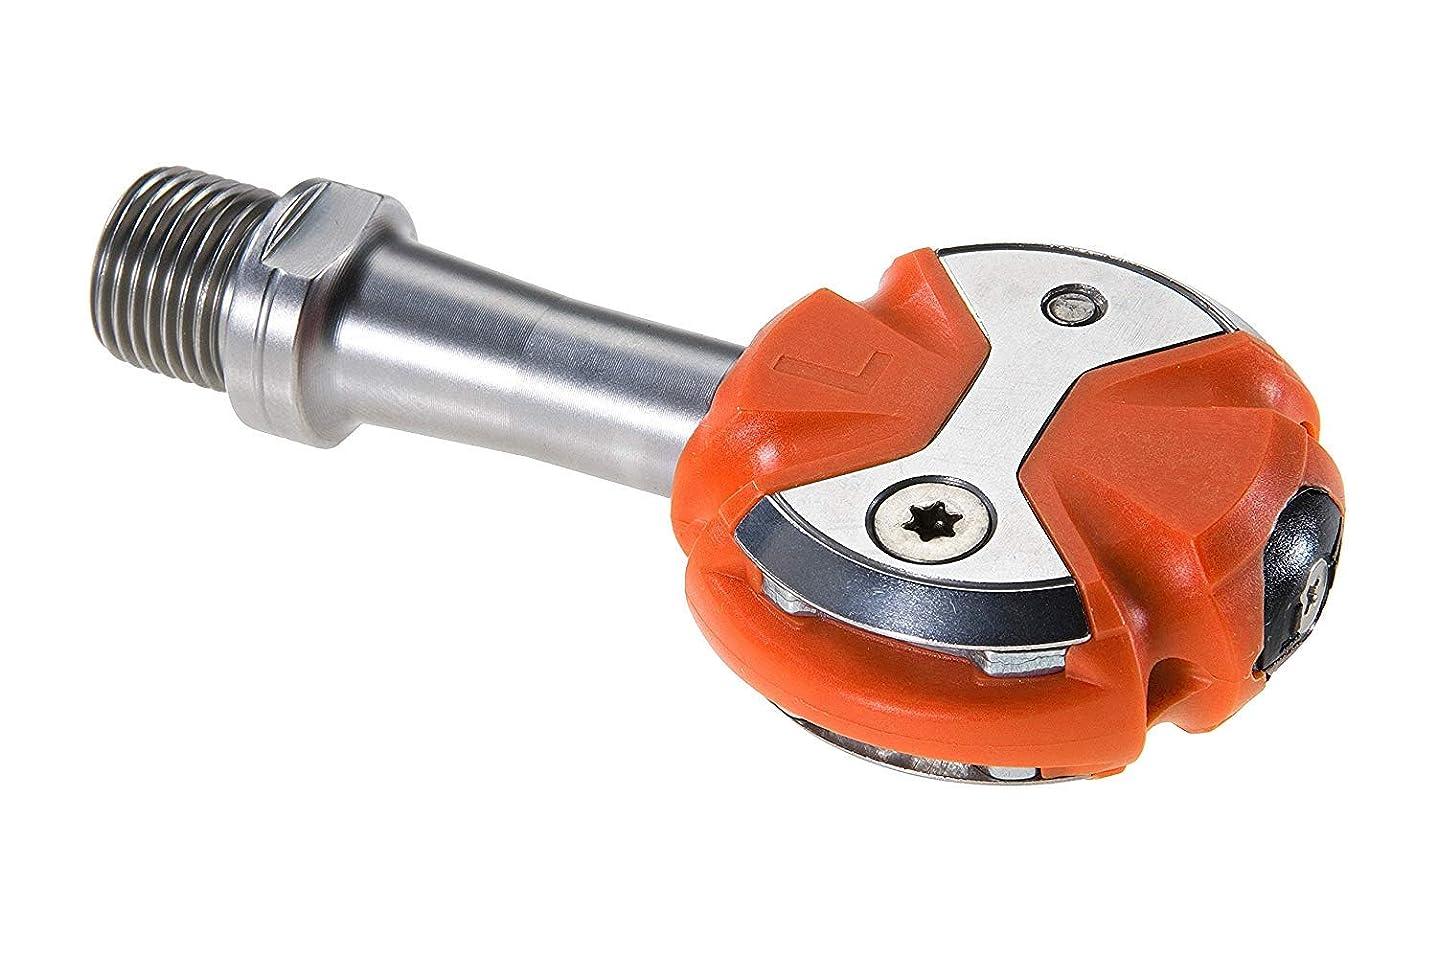 逃げる関係比較的SPEEDPLAY(スピードプレイ) ZERO(ゼロ) ステンレスシャフトペダル 限定オレンジカラー ウォーカブルクリートセット 0950-01-61190